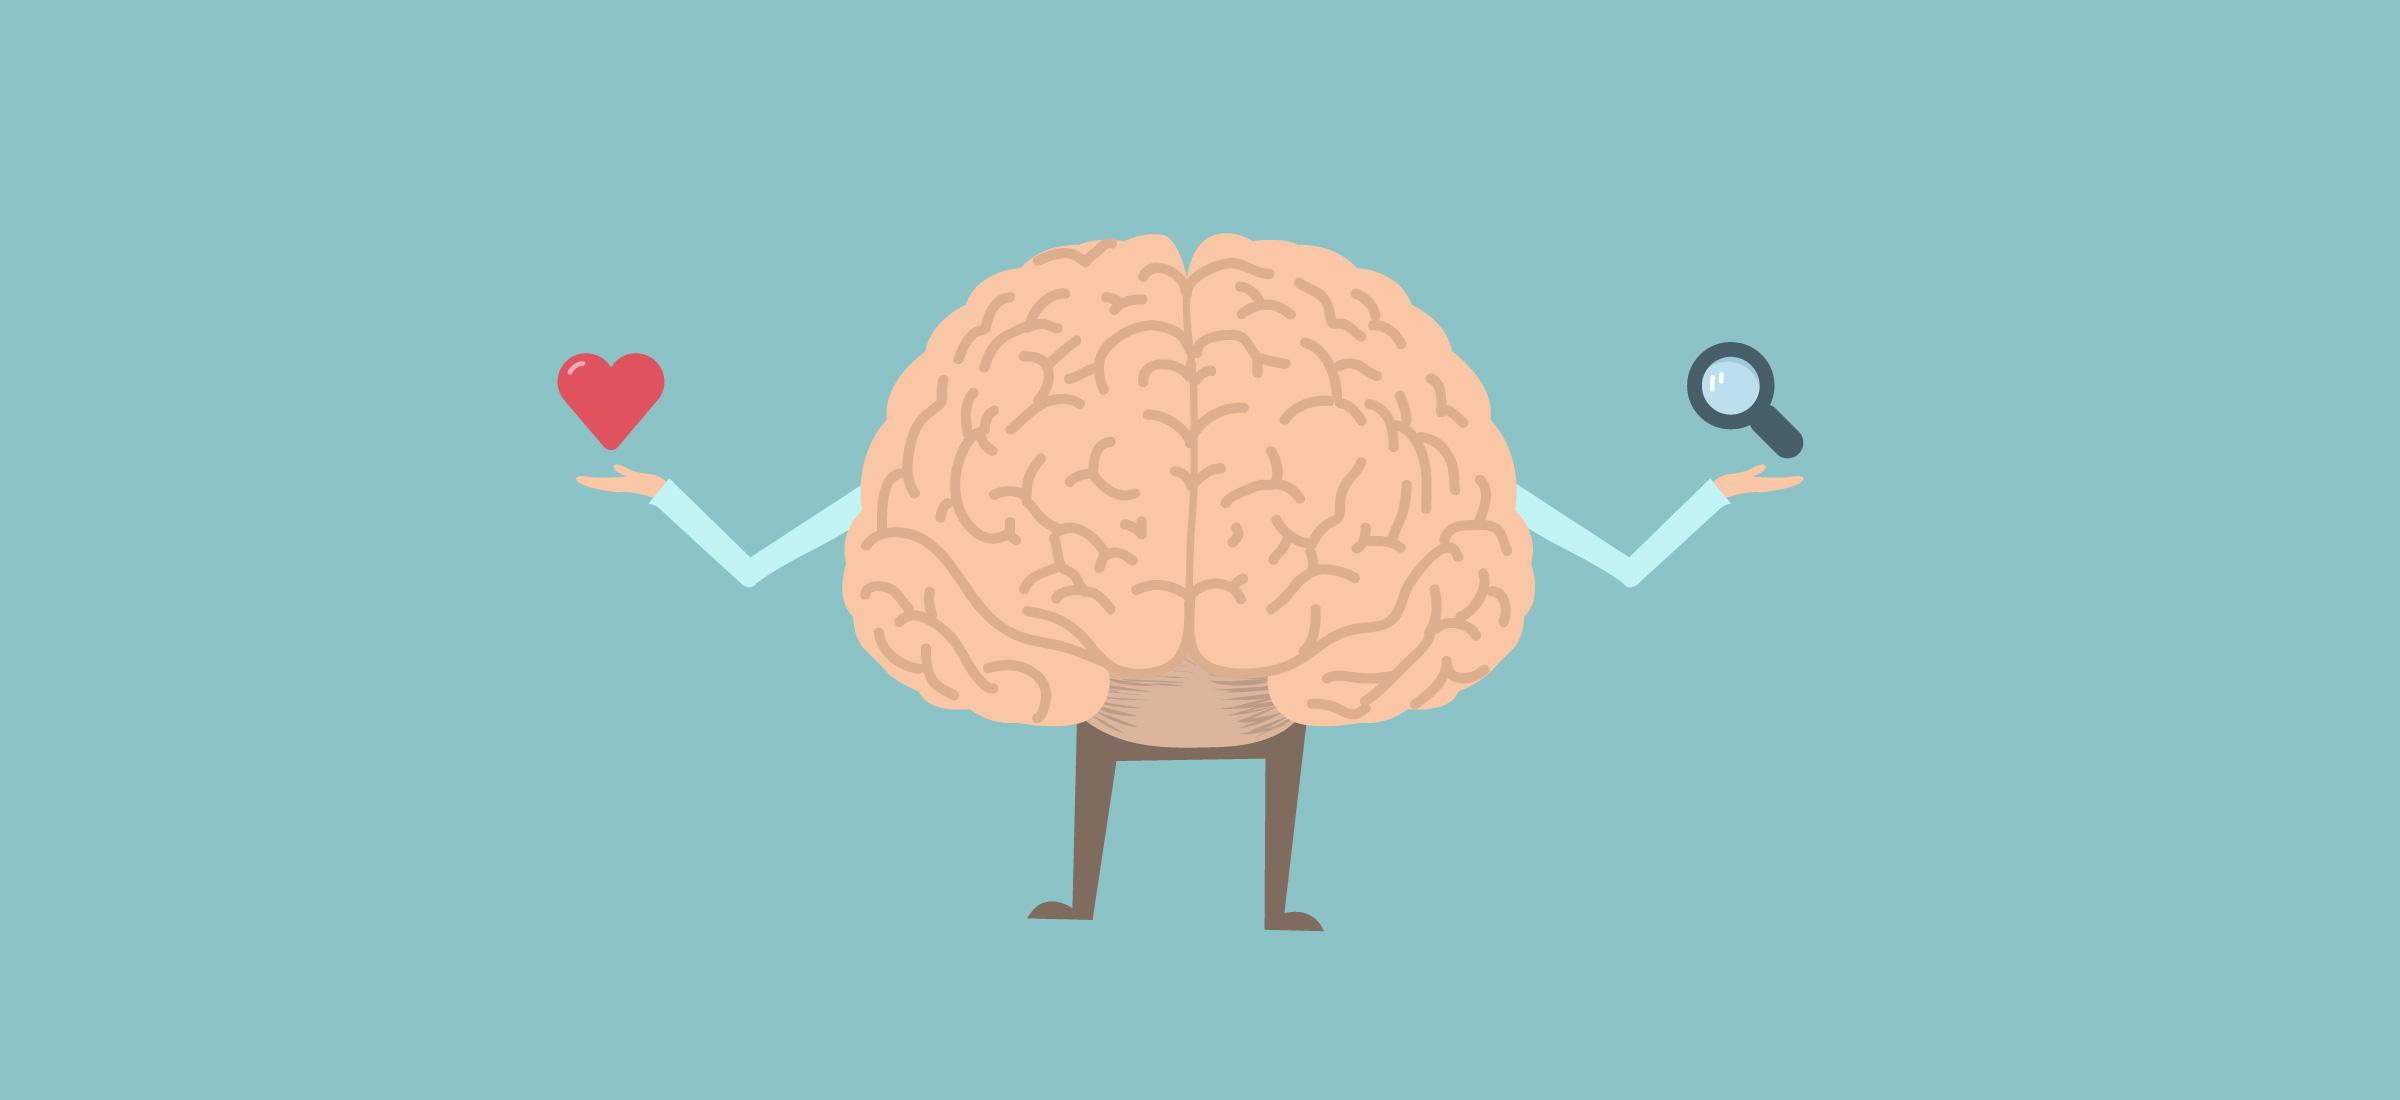 Neuromarketing para eventos: 4 estratégias práticas realmente incríveis